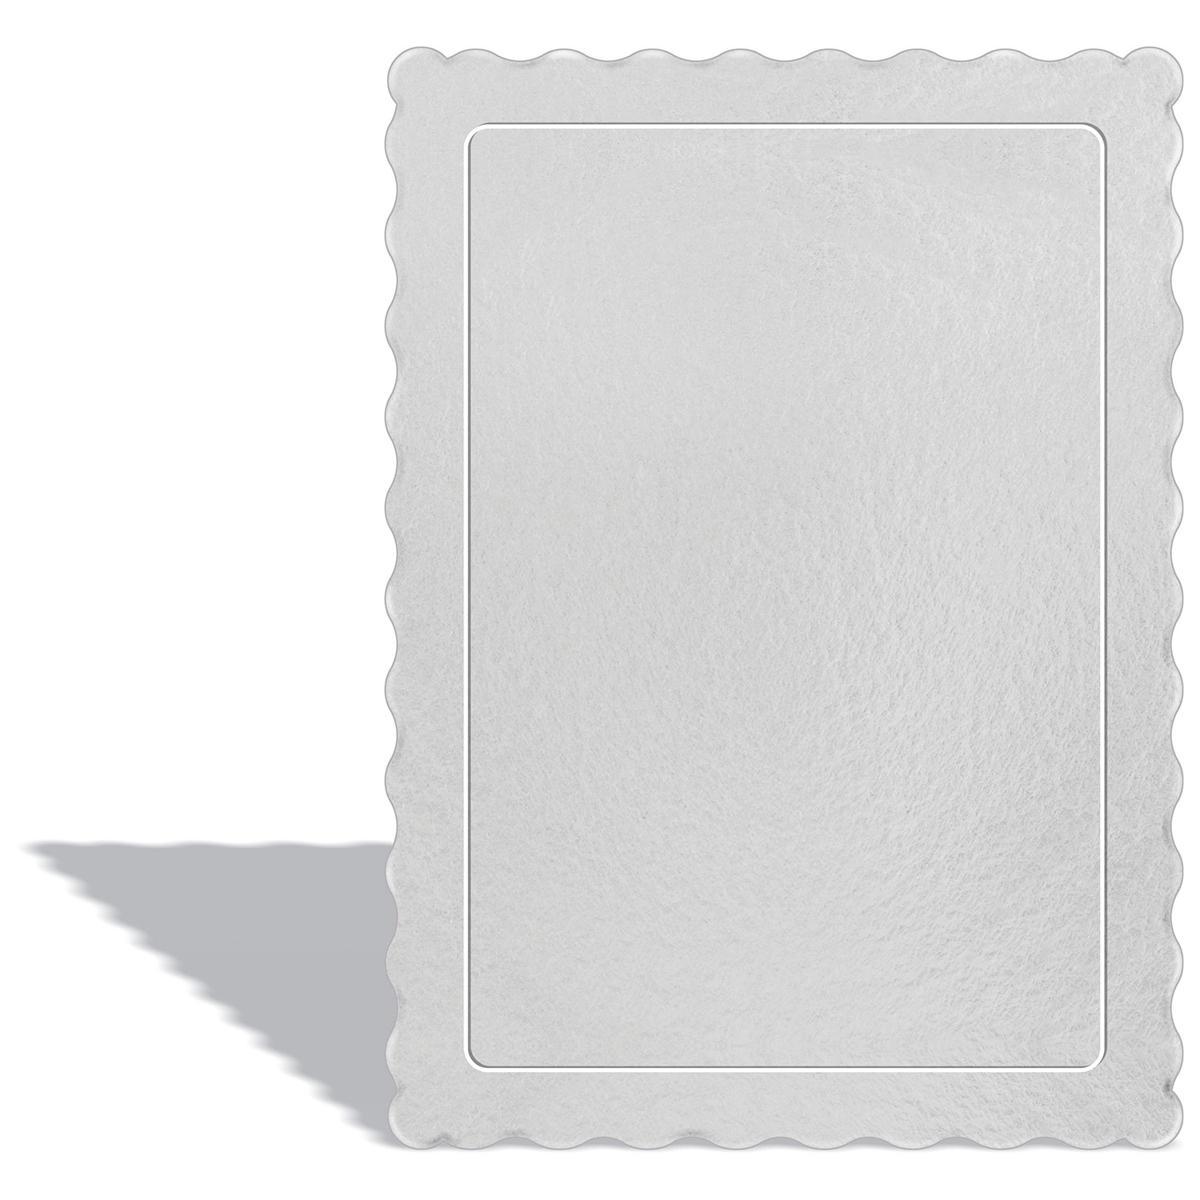 50 Bases Laminadas Para Bolo Retangular, Cake Board 35x25cm - Branco